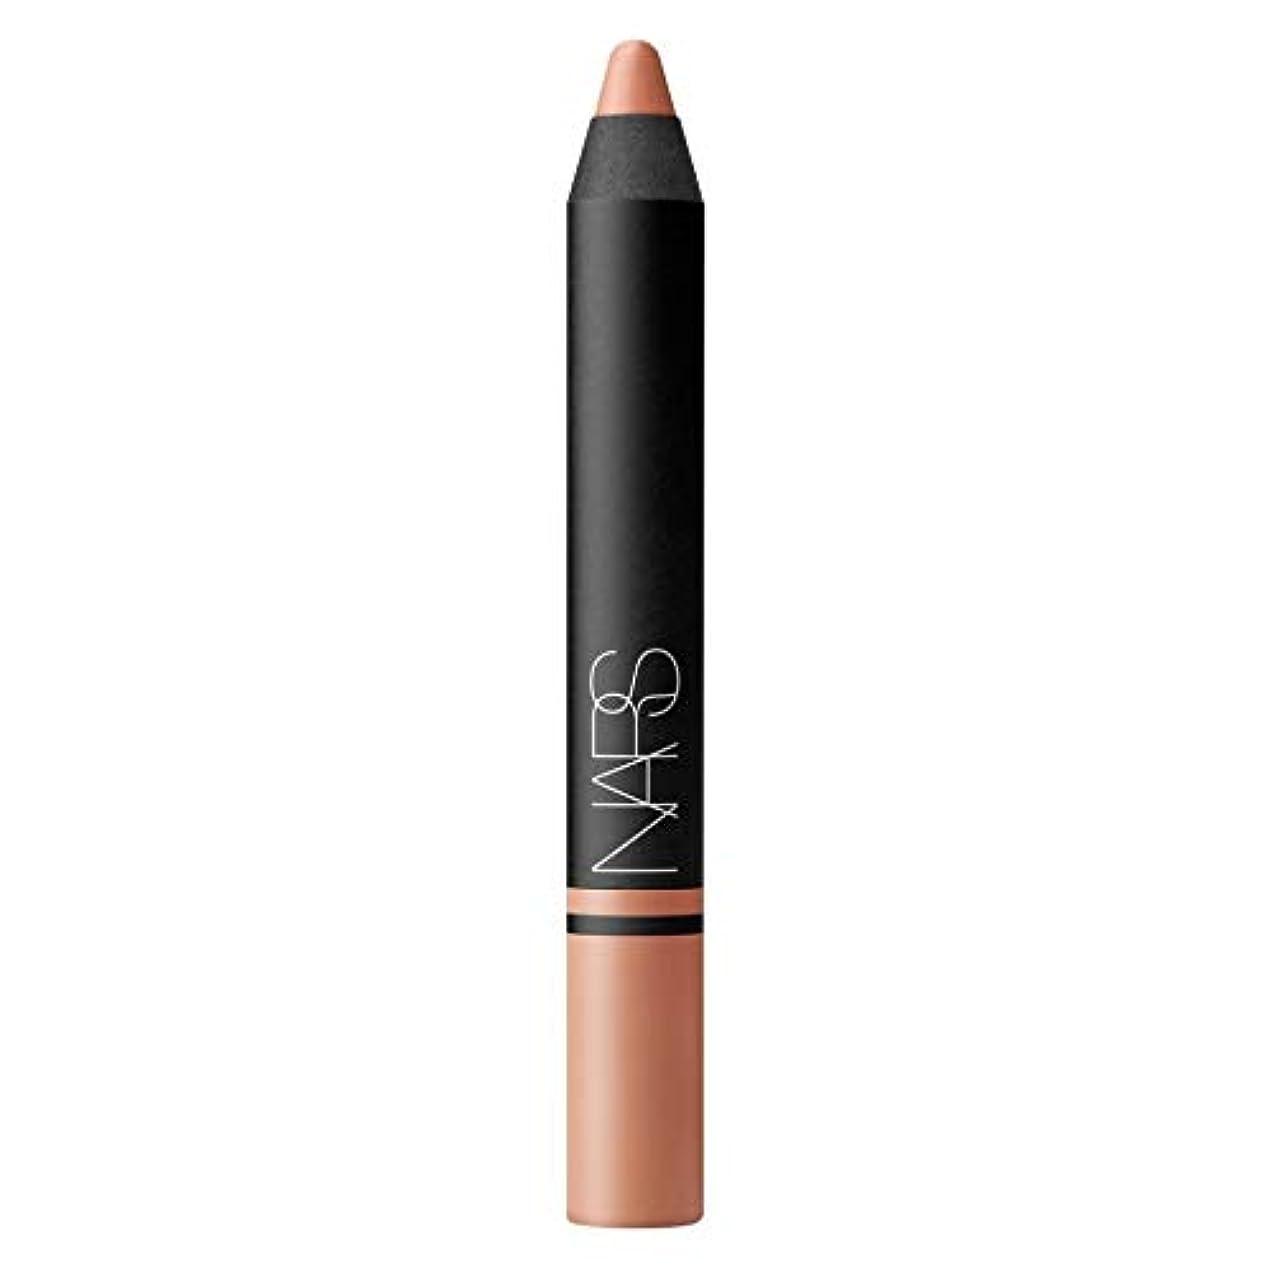 援助する出力とても多くの[NARS] ビスケーン公園でのNarサテンリップペンシル - Nars Satin Lip Pencil in Biscayne Park [並行輸入品]